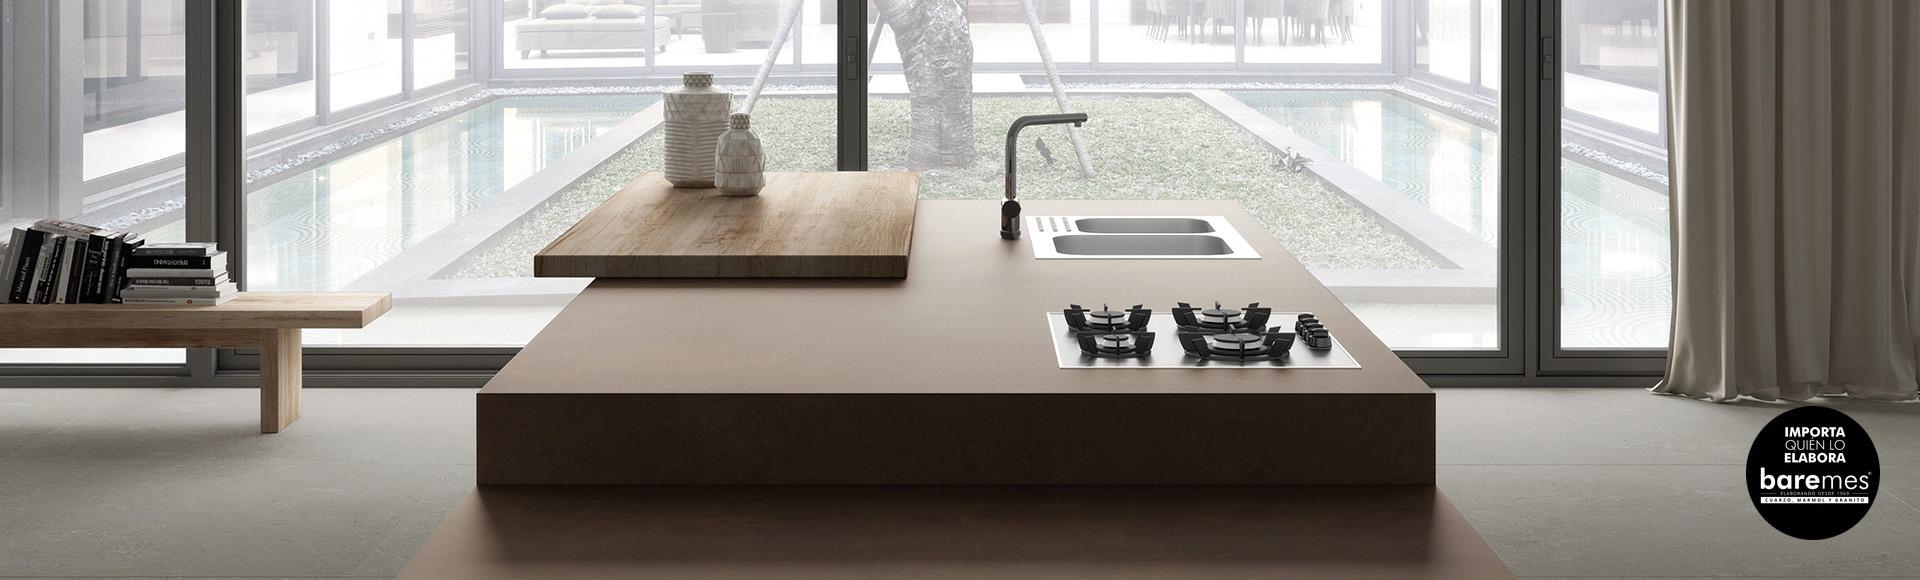 Mesas barra desayunador isla para cocina moderna mesadas for Mesadas de colores